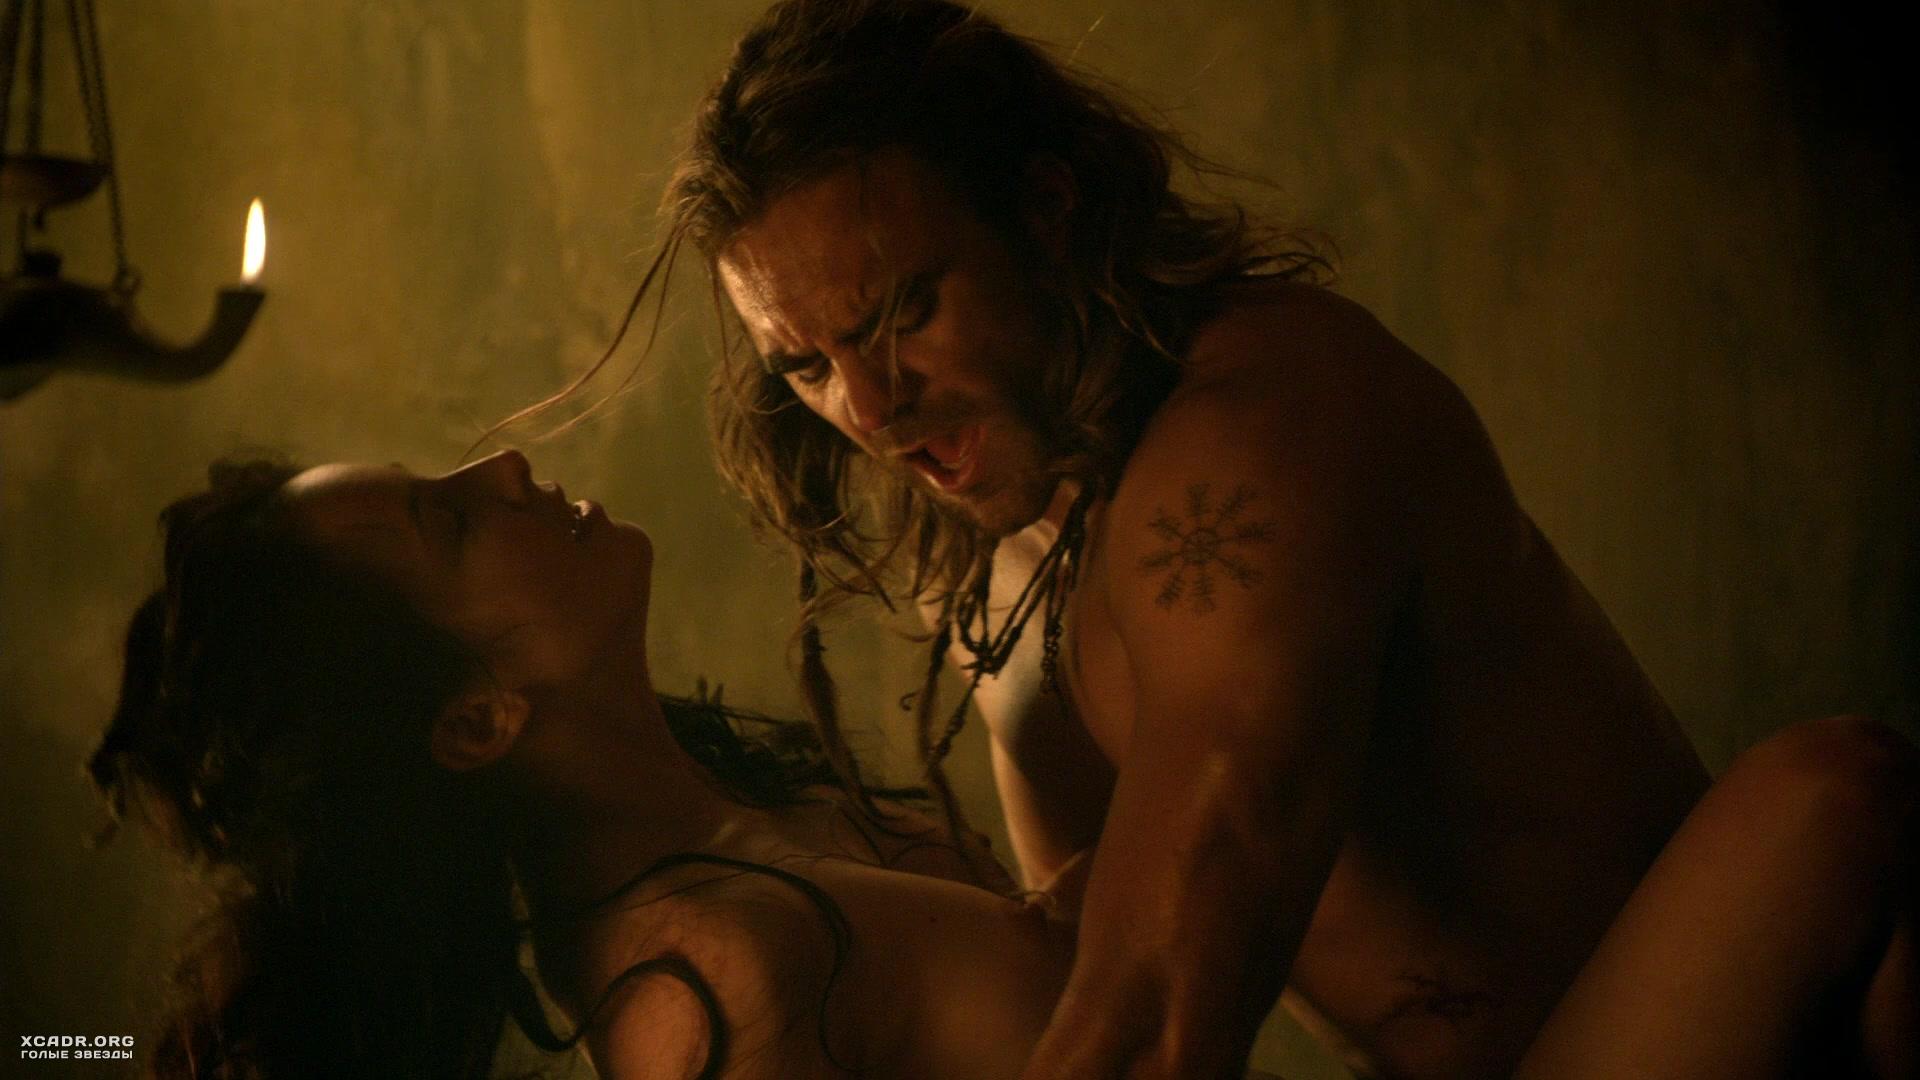 Порно видео из фильма спартак